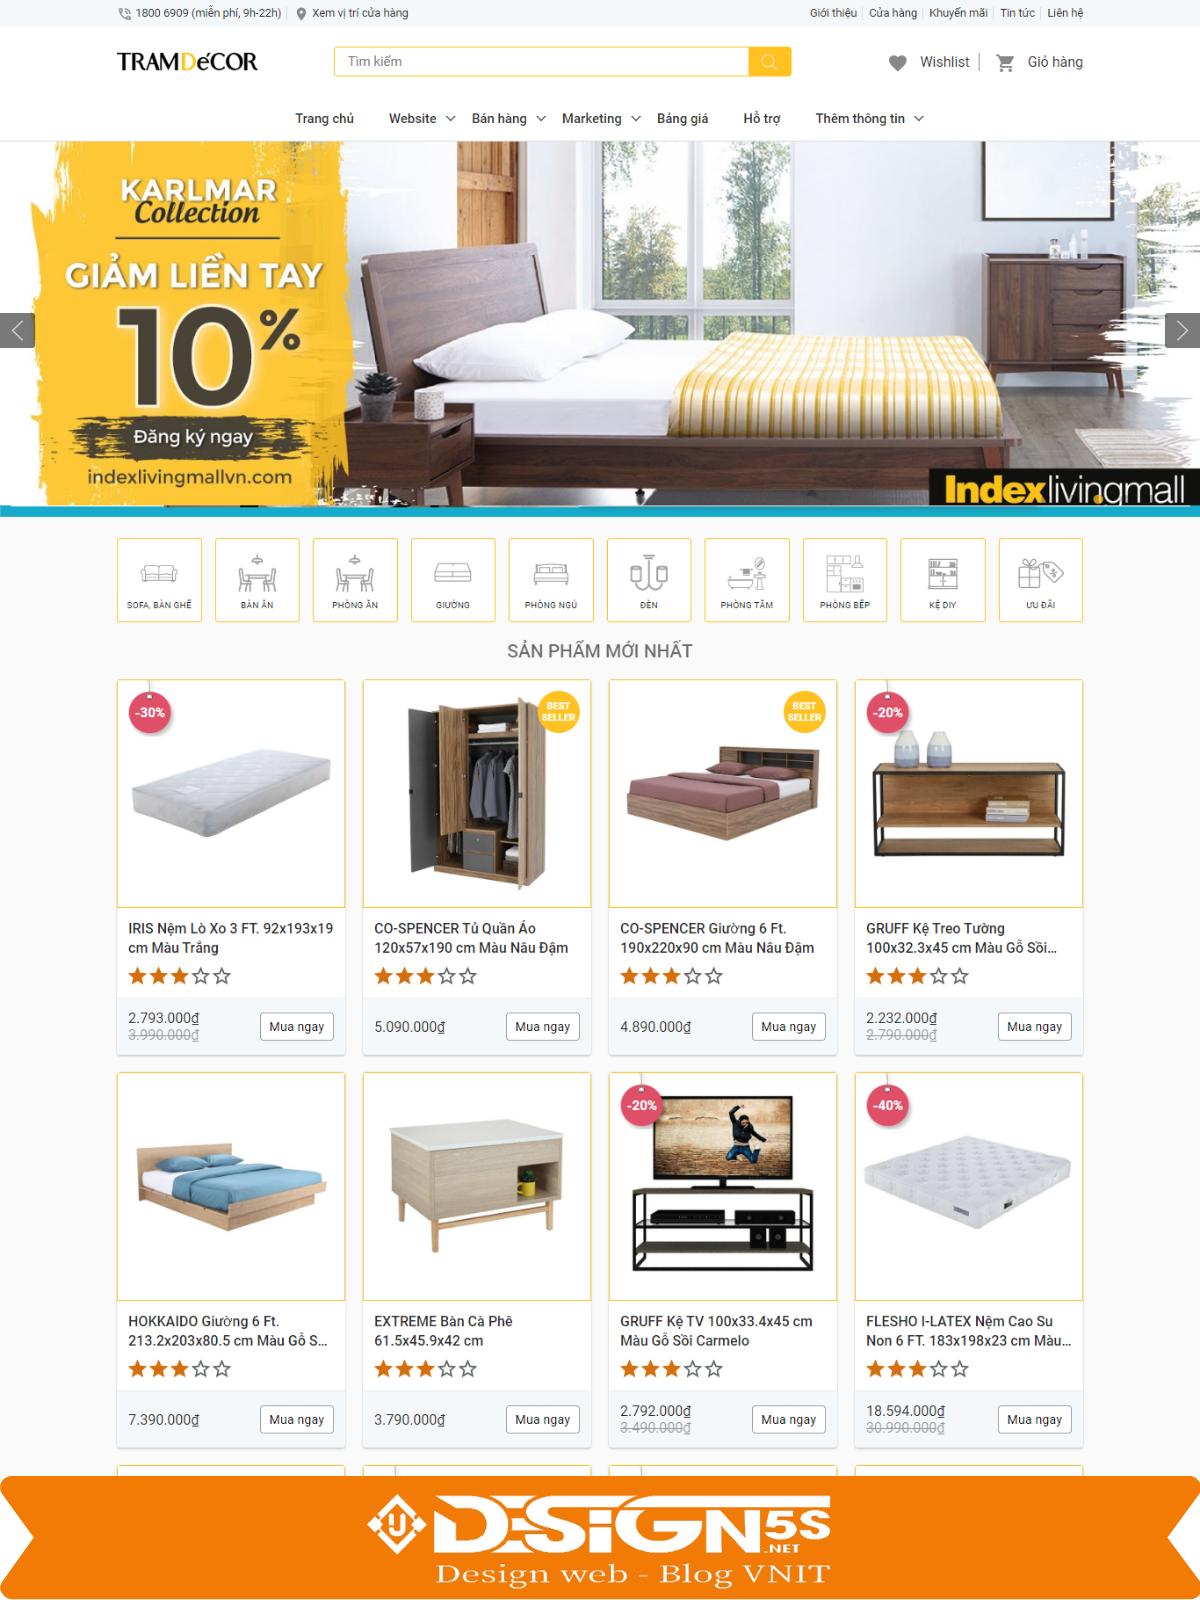 Template blogspot bán hàng nội thất đẹp chuẩn SEO VSM16